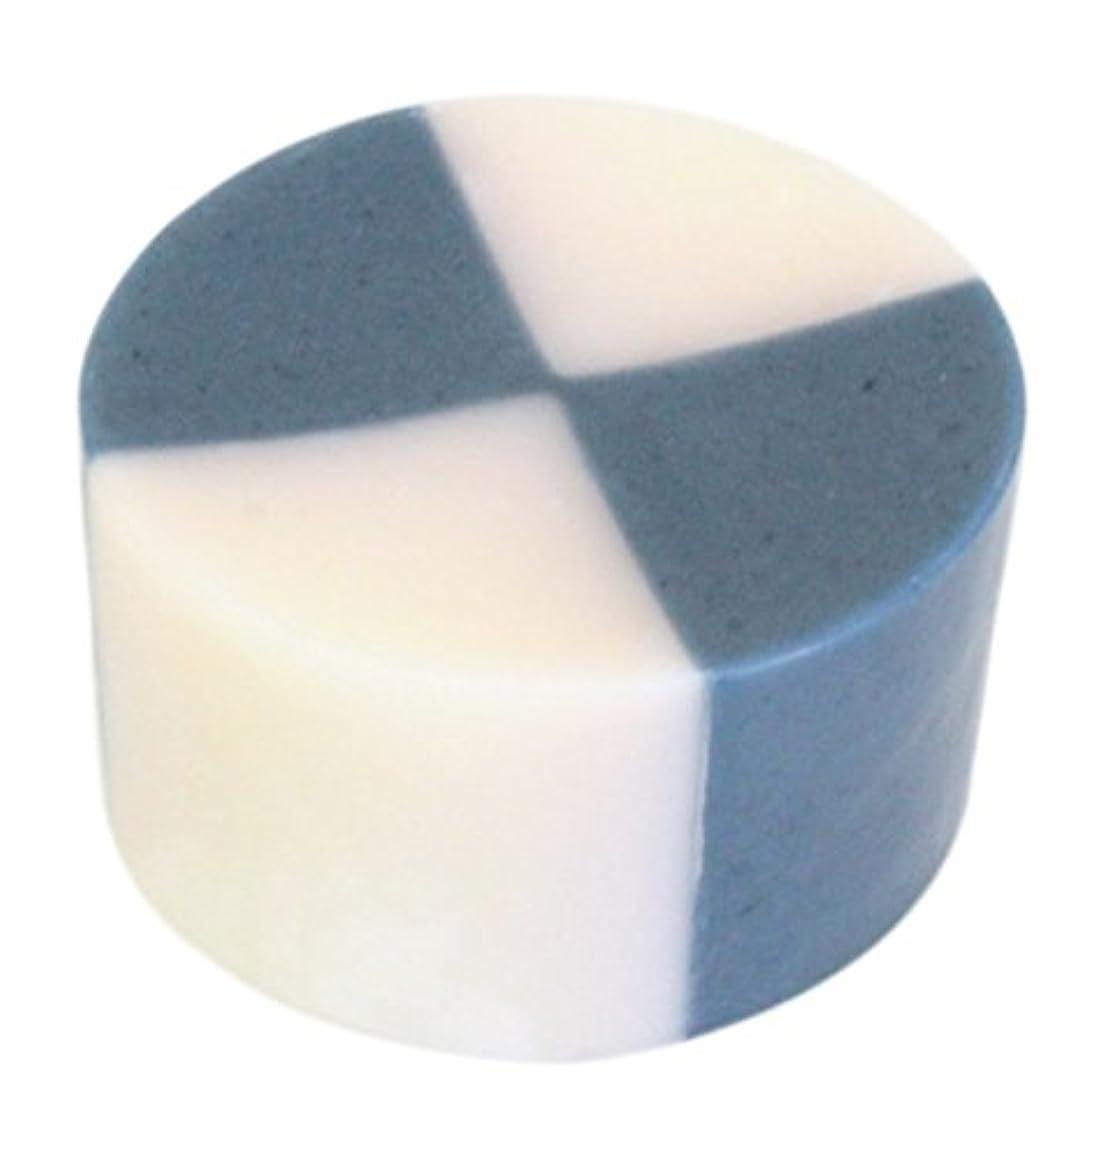 大胆不敵ささやき成長する藍色工房 藍染め石けん「いちまつ」(60g)